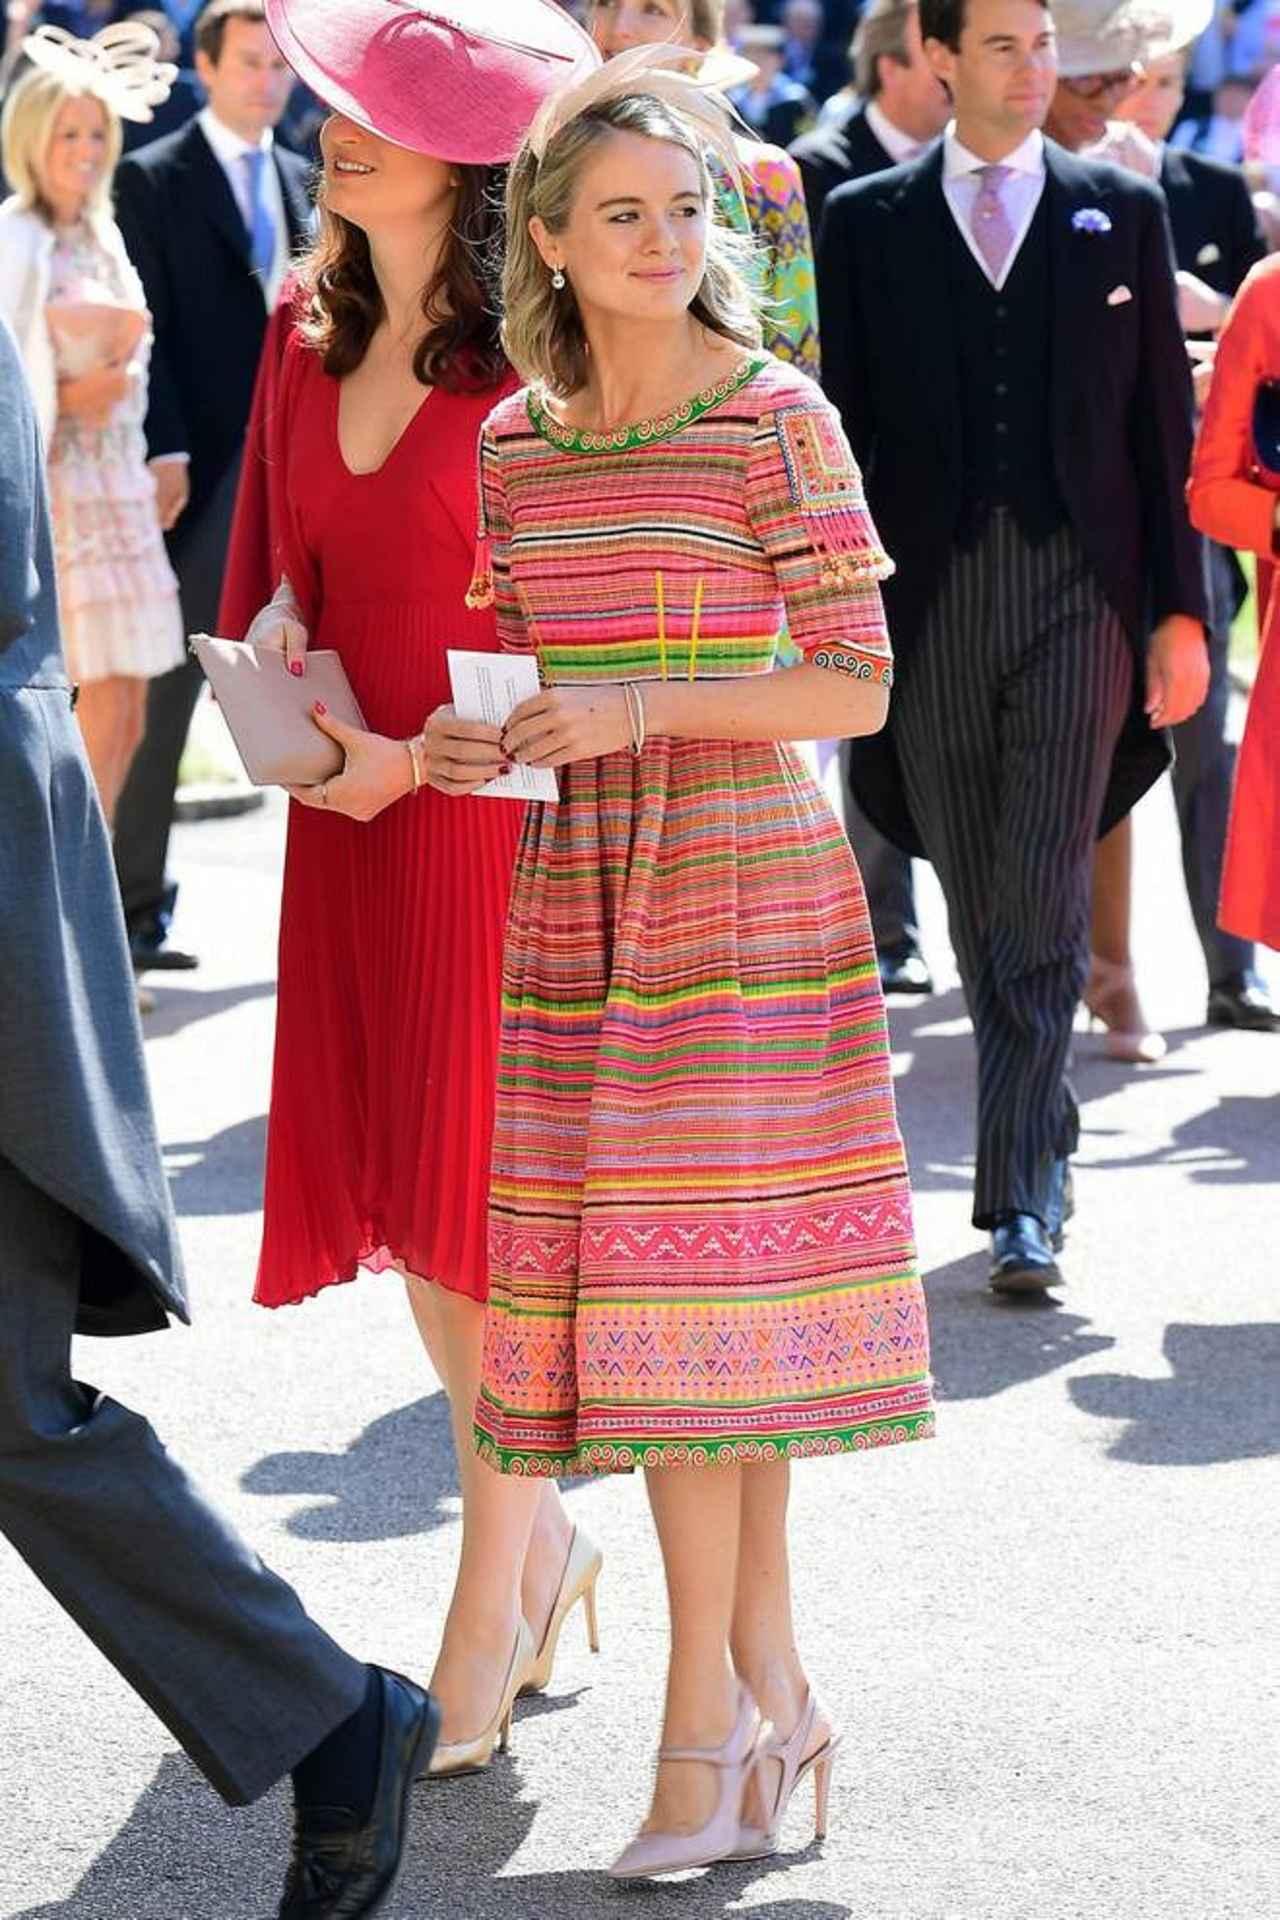 画像: クレシダは色鮮やかな民族調の織物でできたピンクのドレスで会場へ。